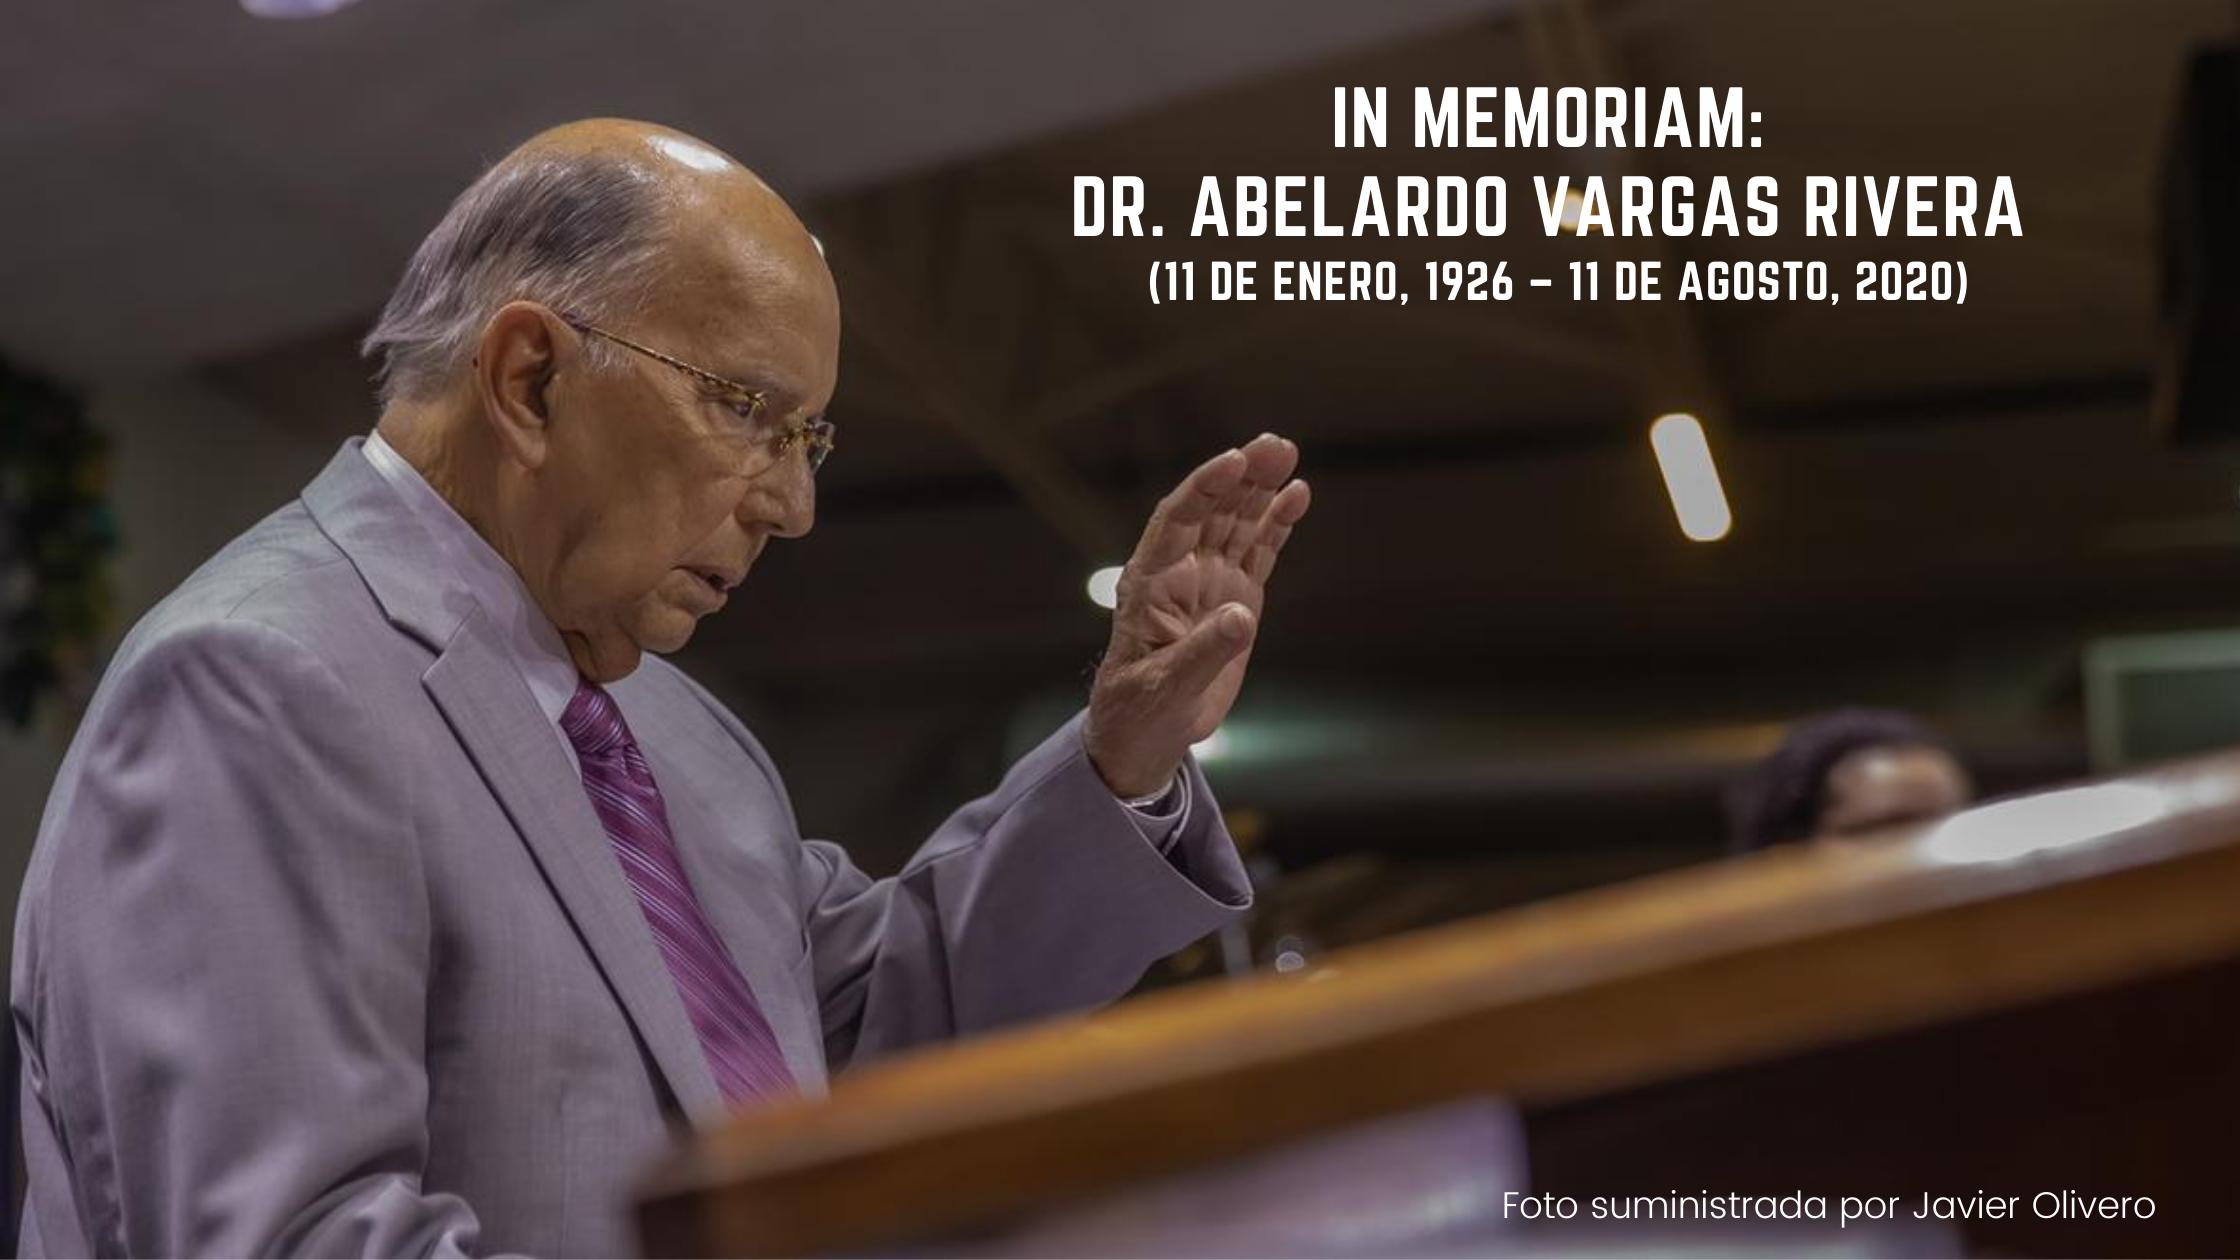 """""""Sus ojos se cerraron"""" In memoriam: Dr. Abelardo Vargas Rivera  (11 de enero, 1926 – 11 de agosto, 2020)"""